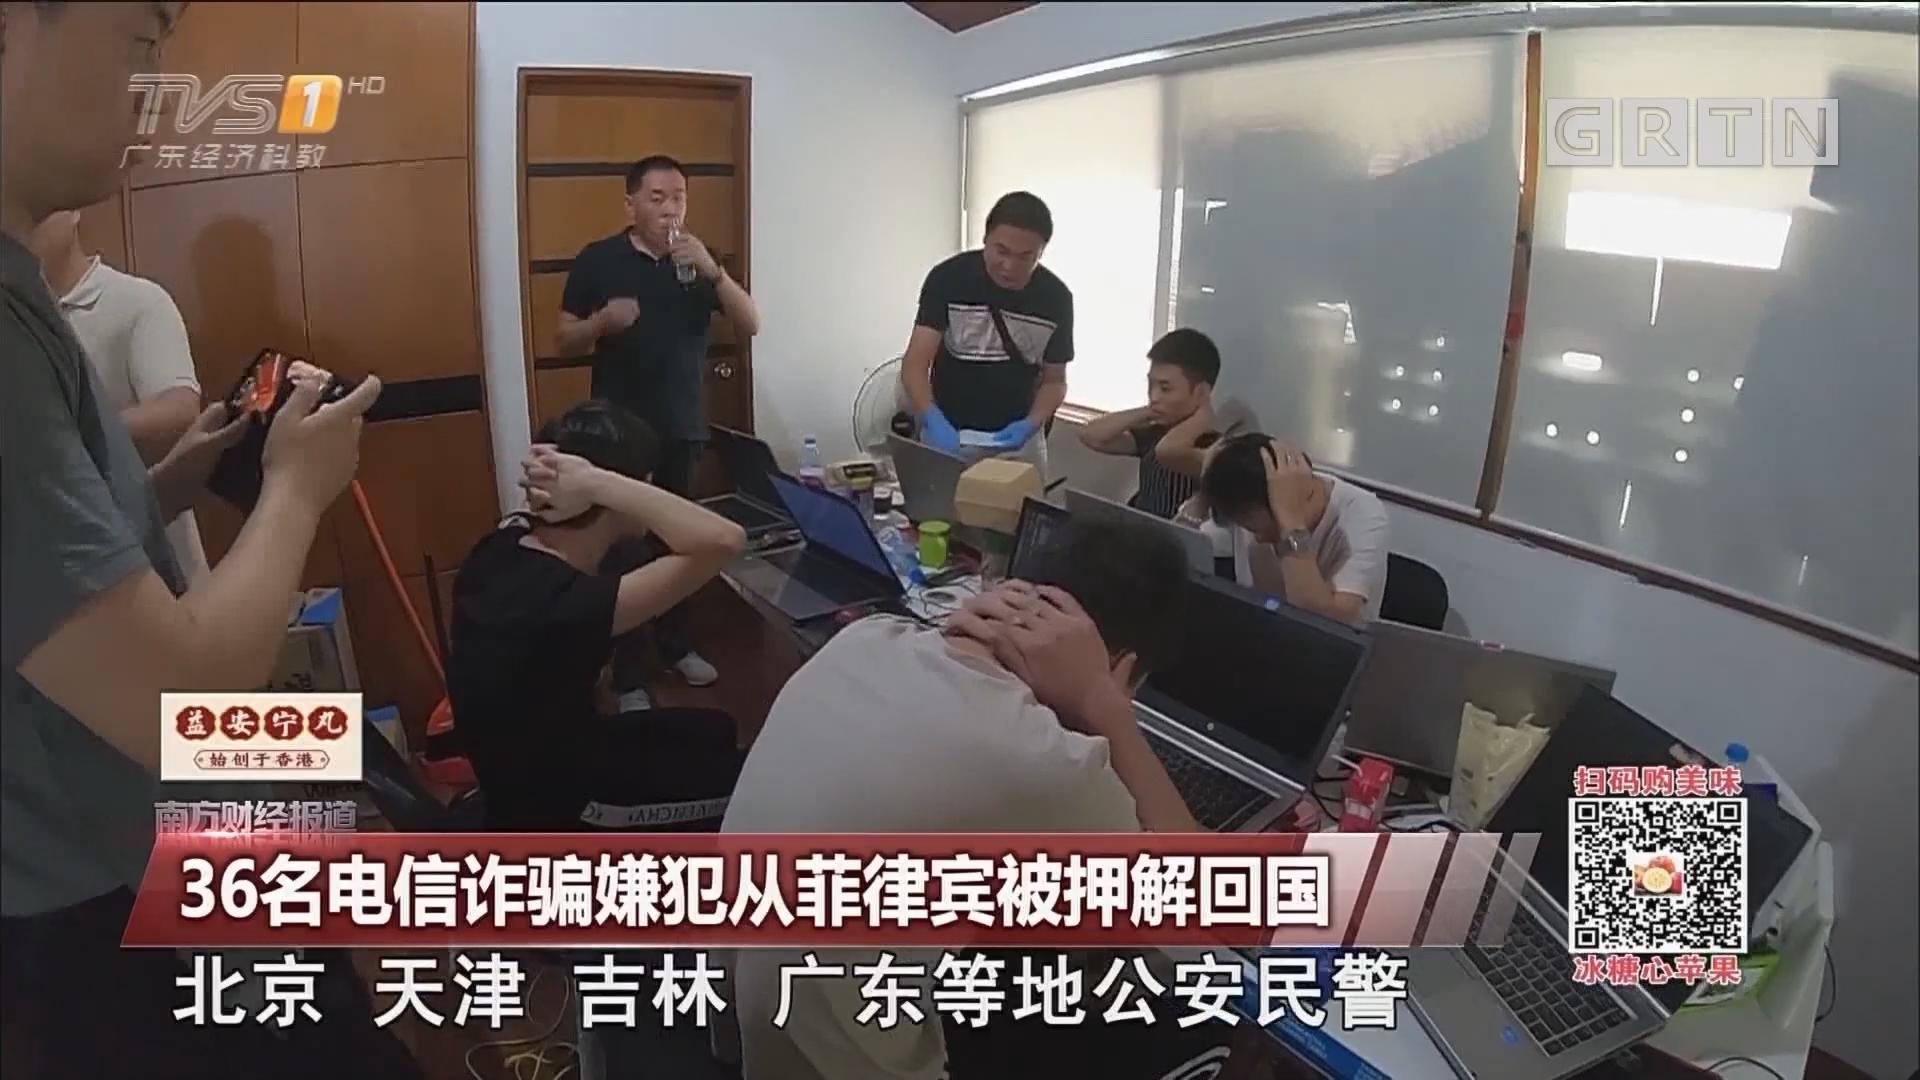 36名电信诈骗嫌犯从菲律宾被押解回国